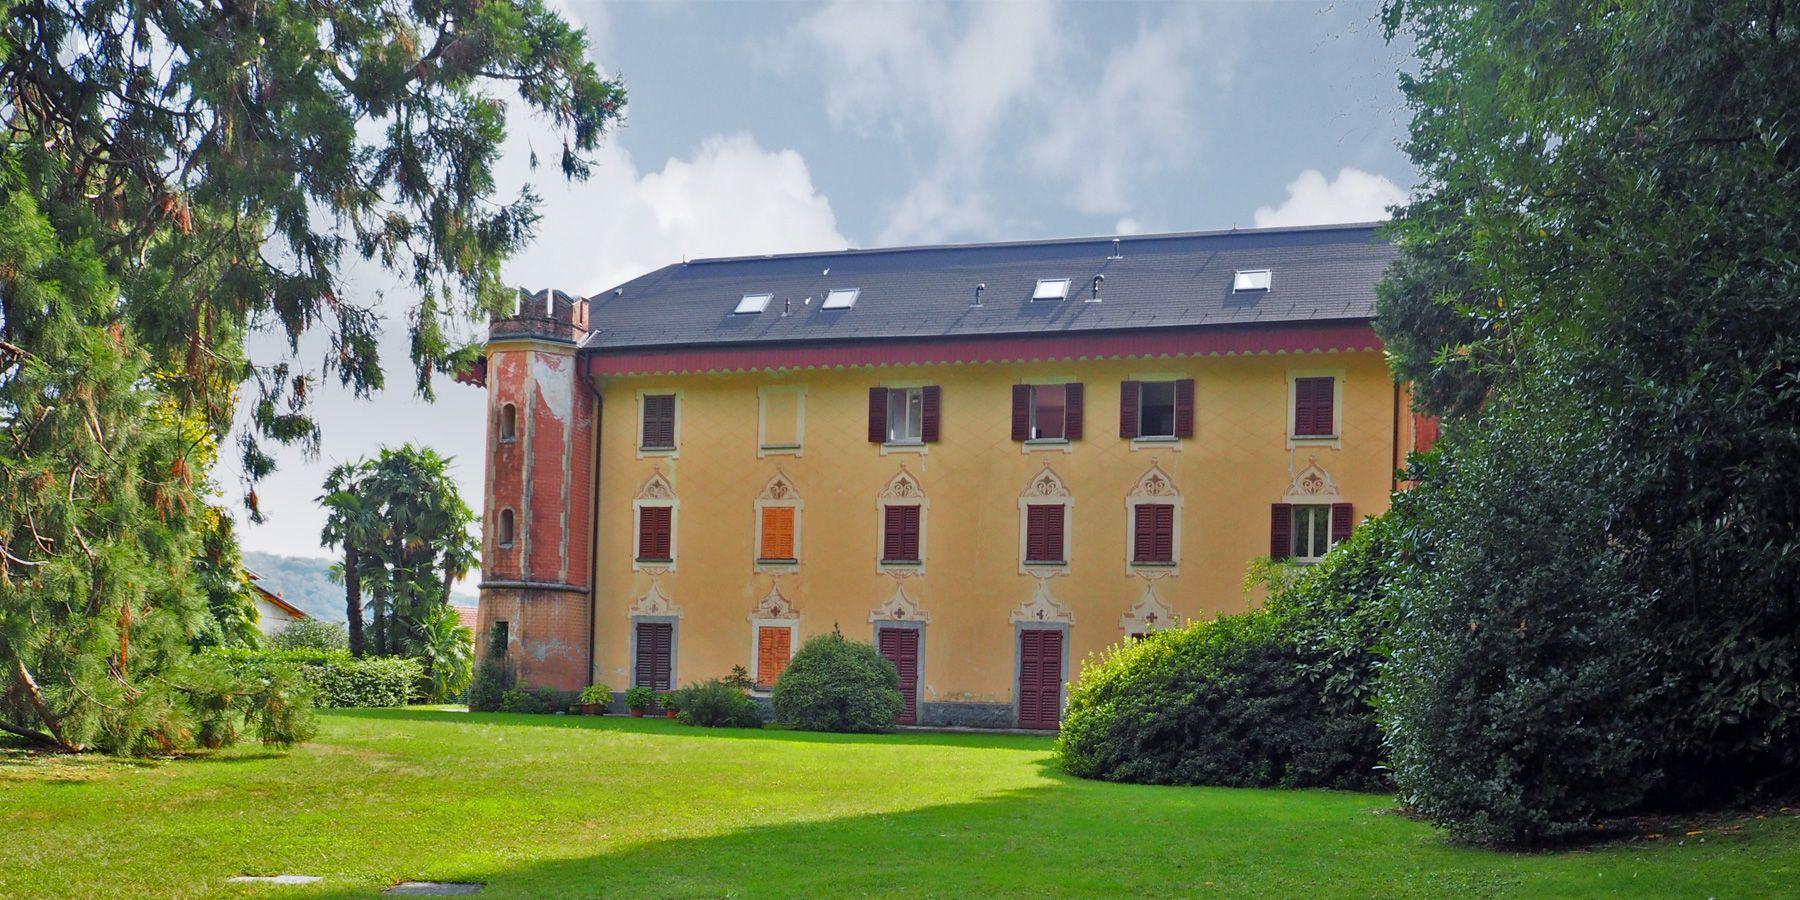 Wohnung zu kaufen in Bee mit Seeblick in einer historischen Villa